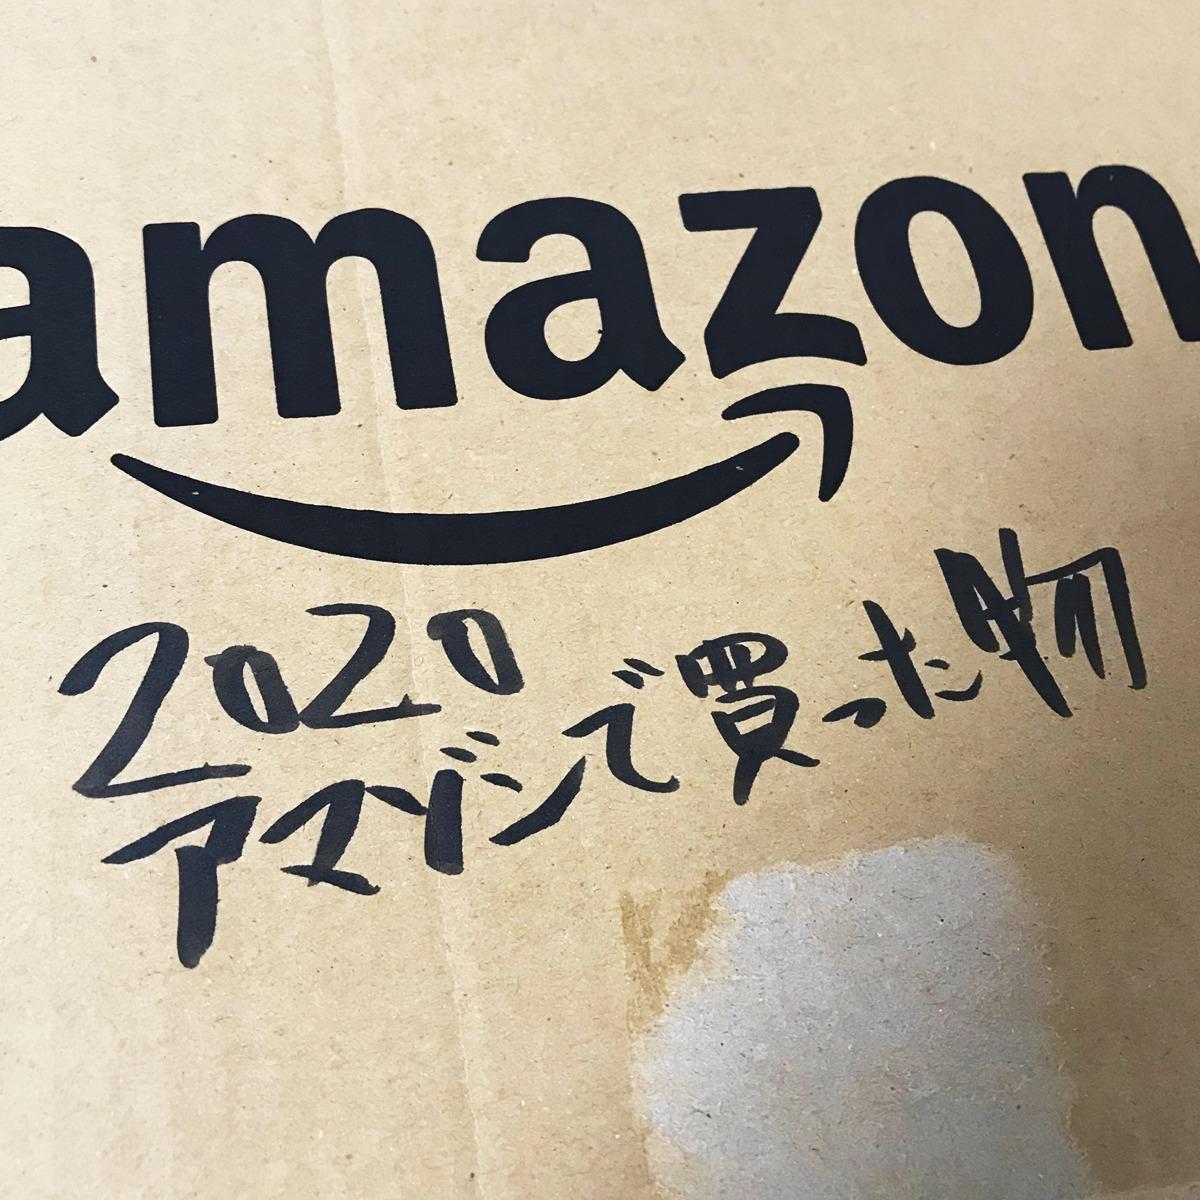 2020年 アマゾンで買った物